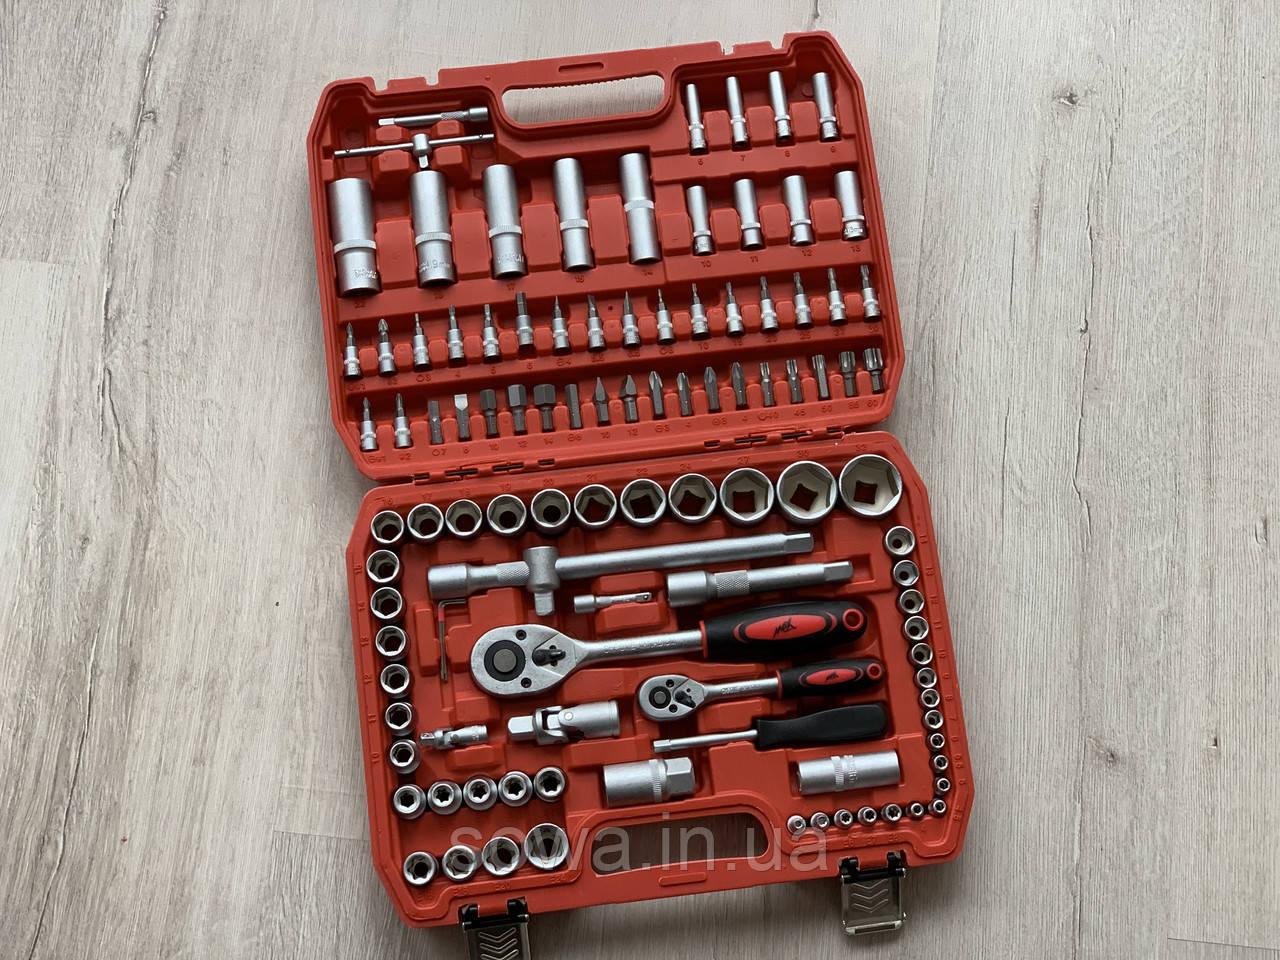 ✔️ Набор ключей, головок, инструментов Max - 108 шт ( противоударный кейс )